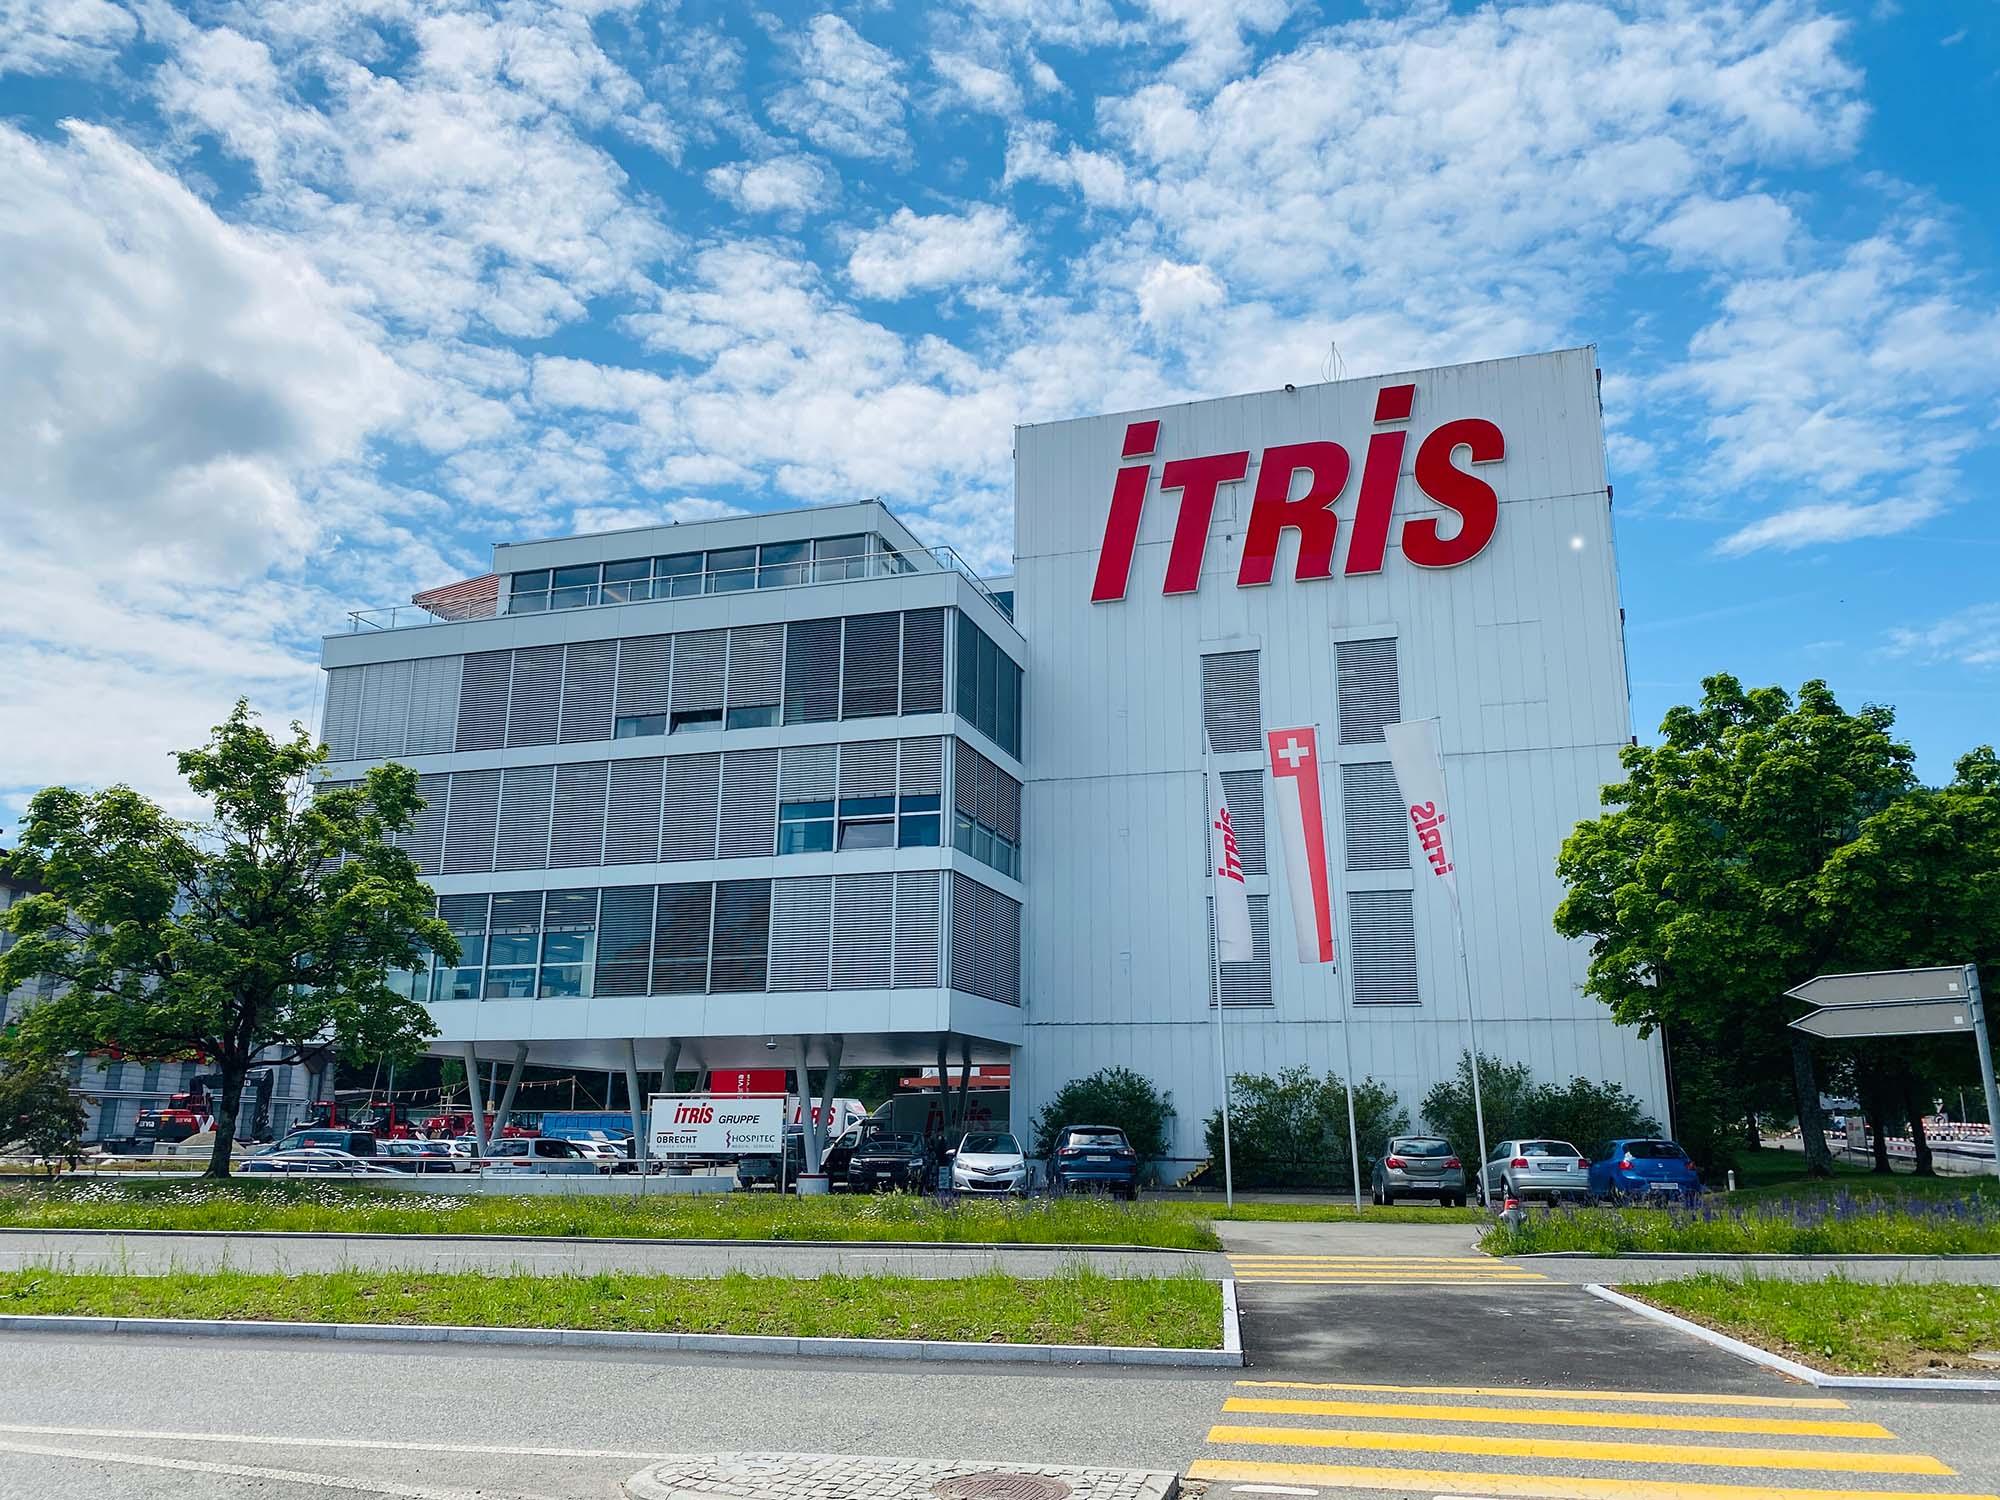 ITRIS Standort Spreitenbach